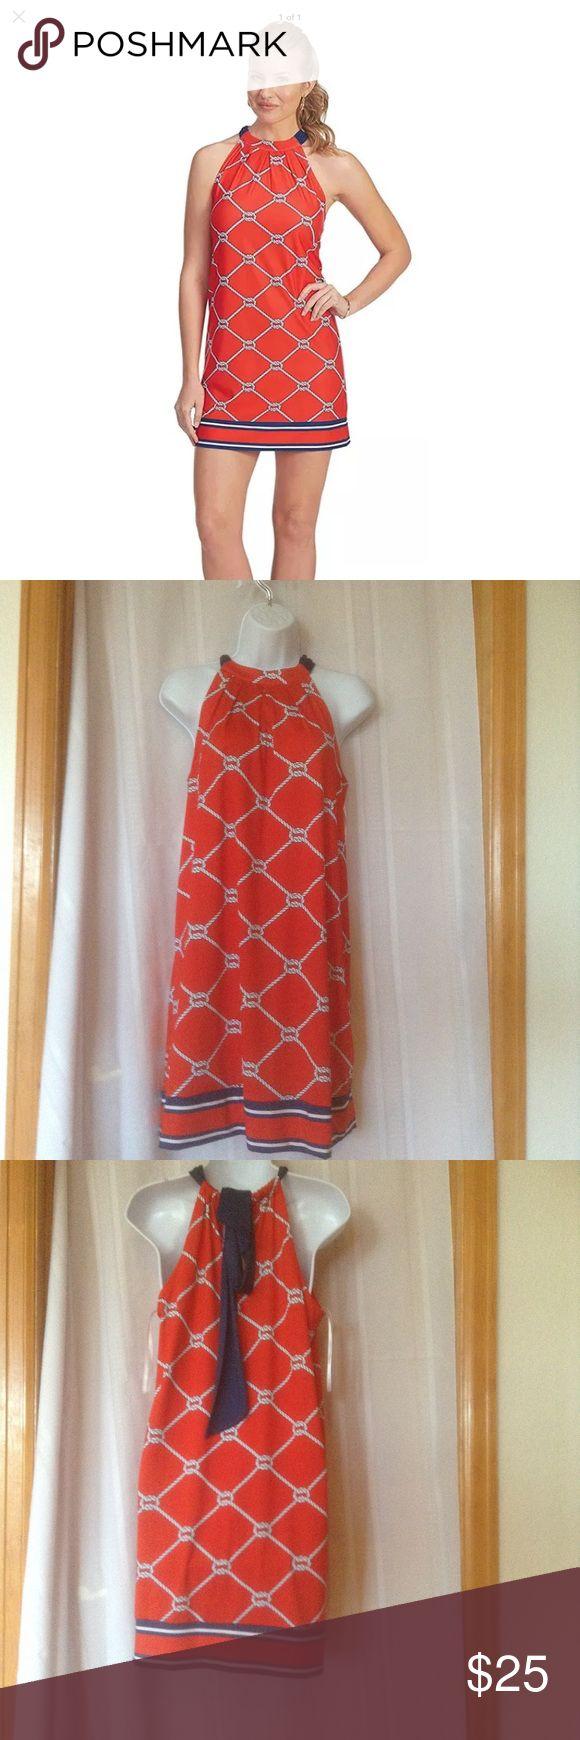 Mud pie medium Natalie dress nautical rope Please see last photo Mud Pie Dresses